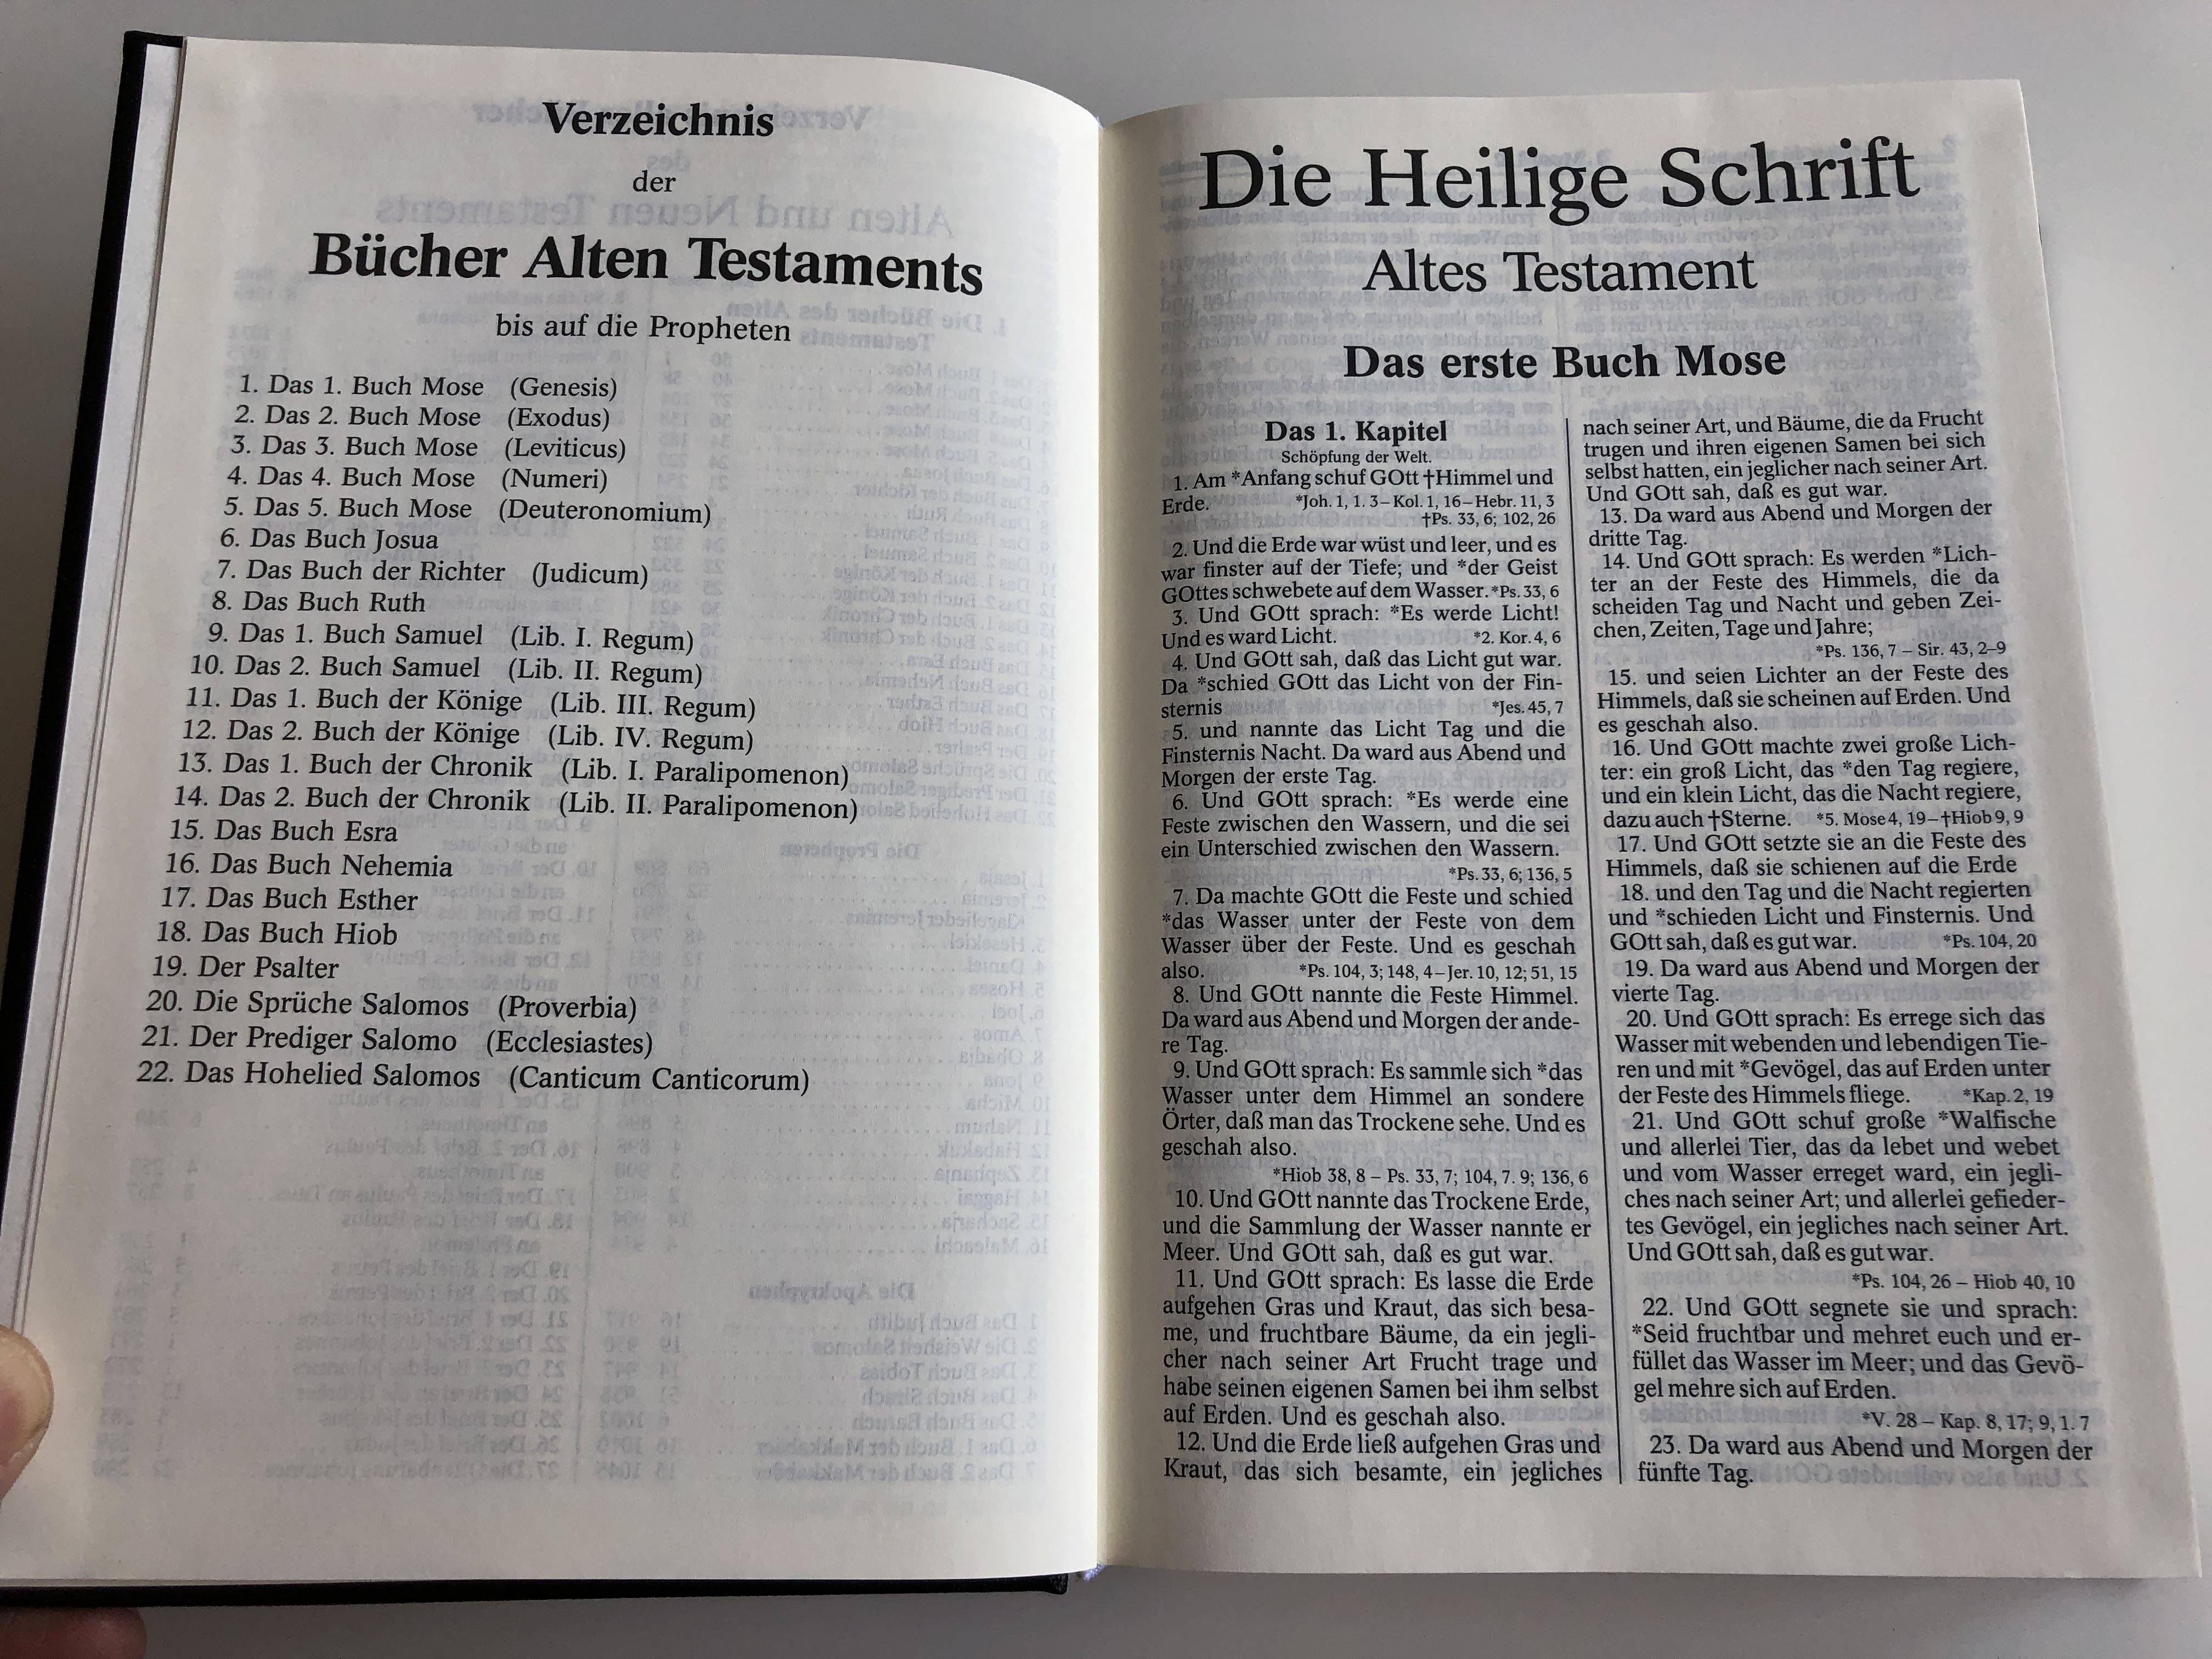 german-bible-die-bibel-die-heilige-schrift-ausgabe-von-1545-11-.jpg